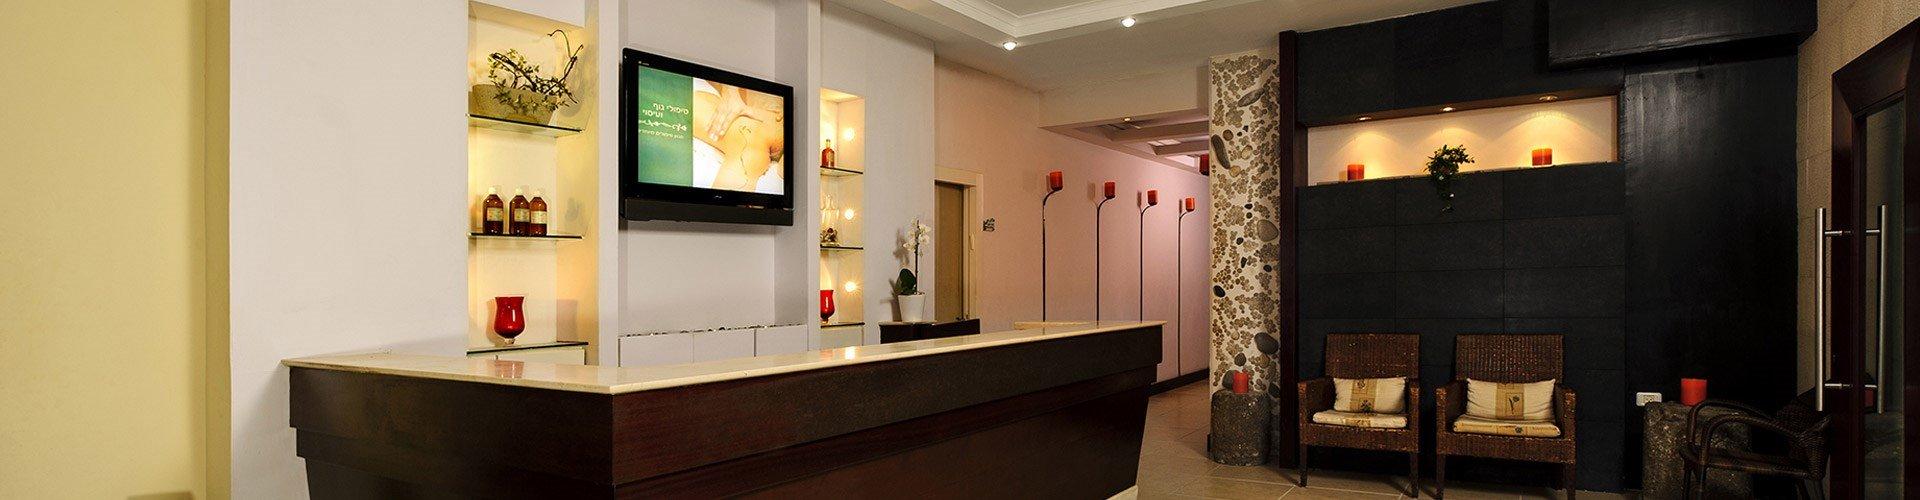 Caesar Premier Tiberias Hotel- rooms